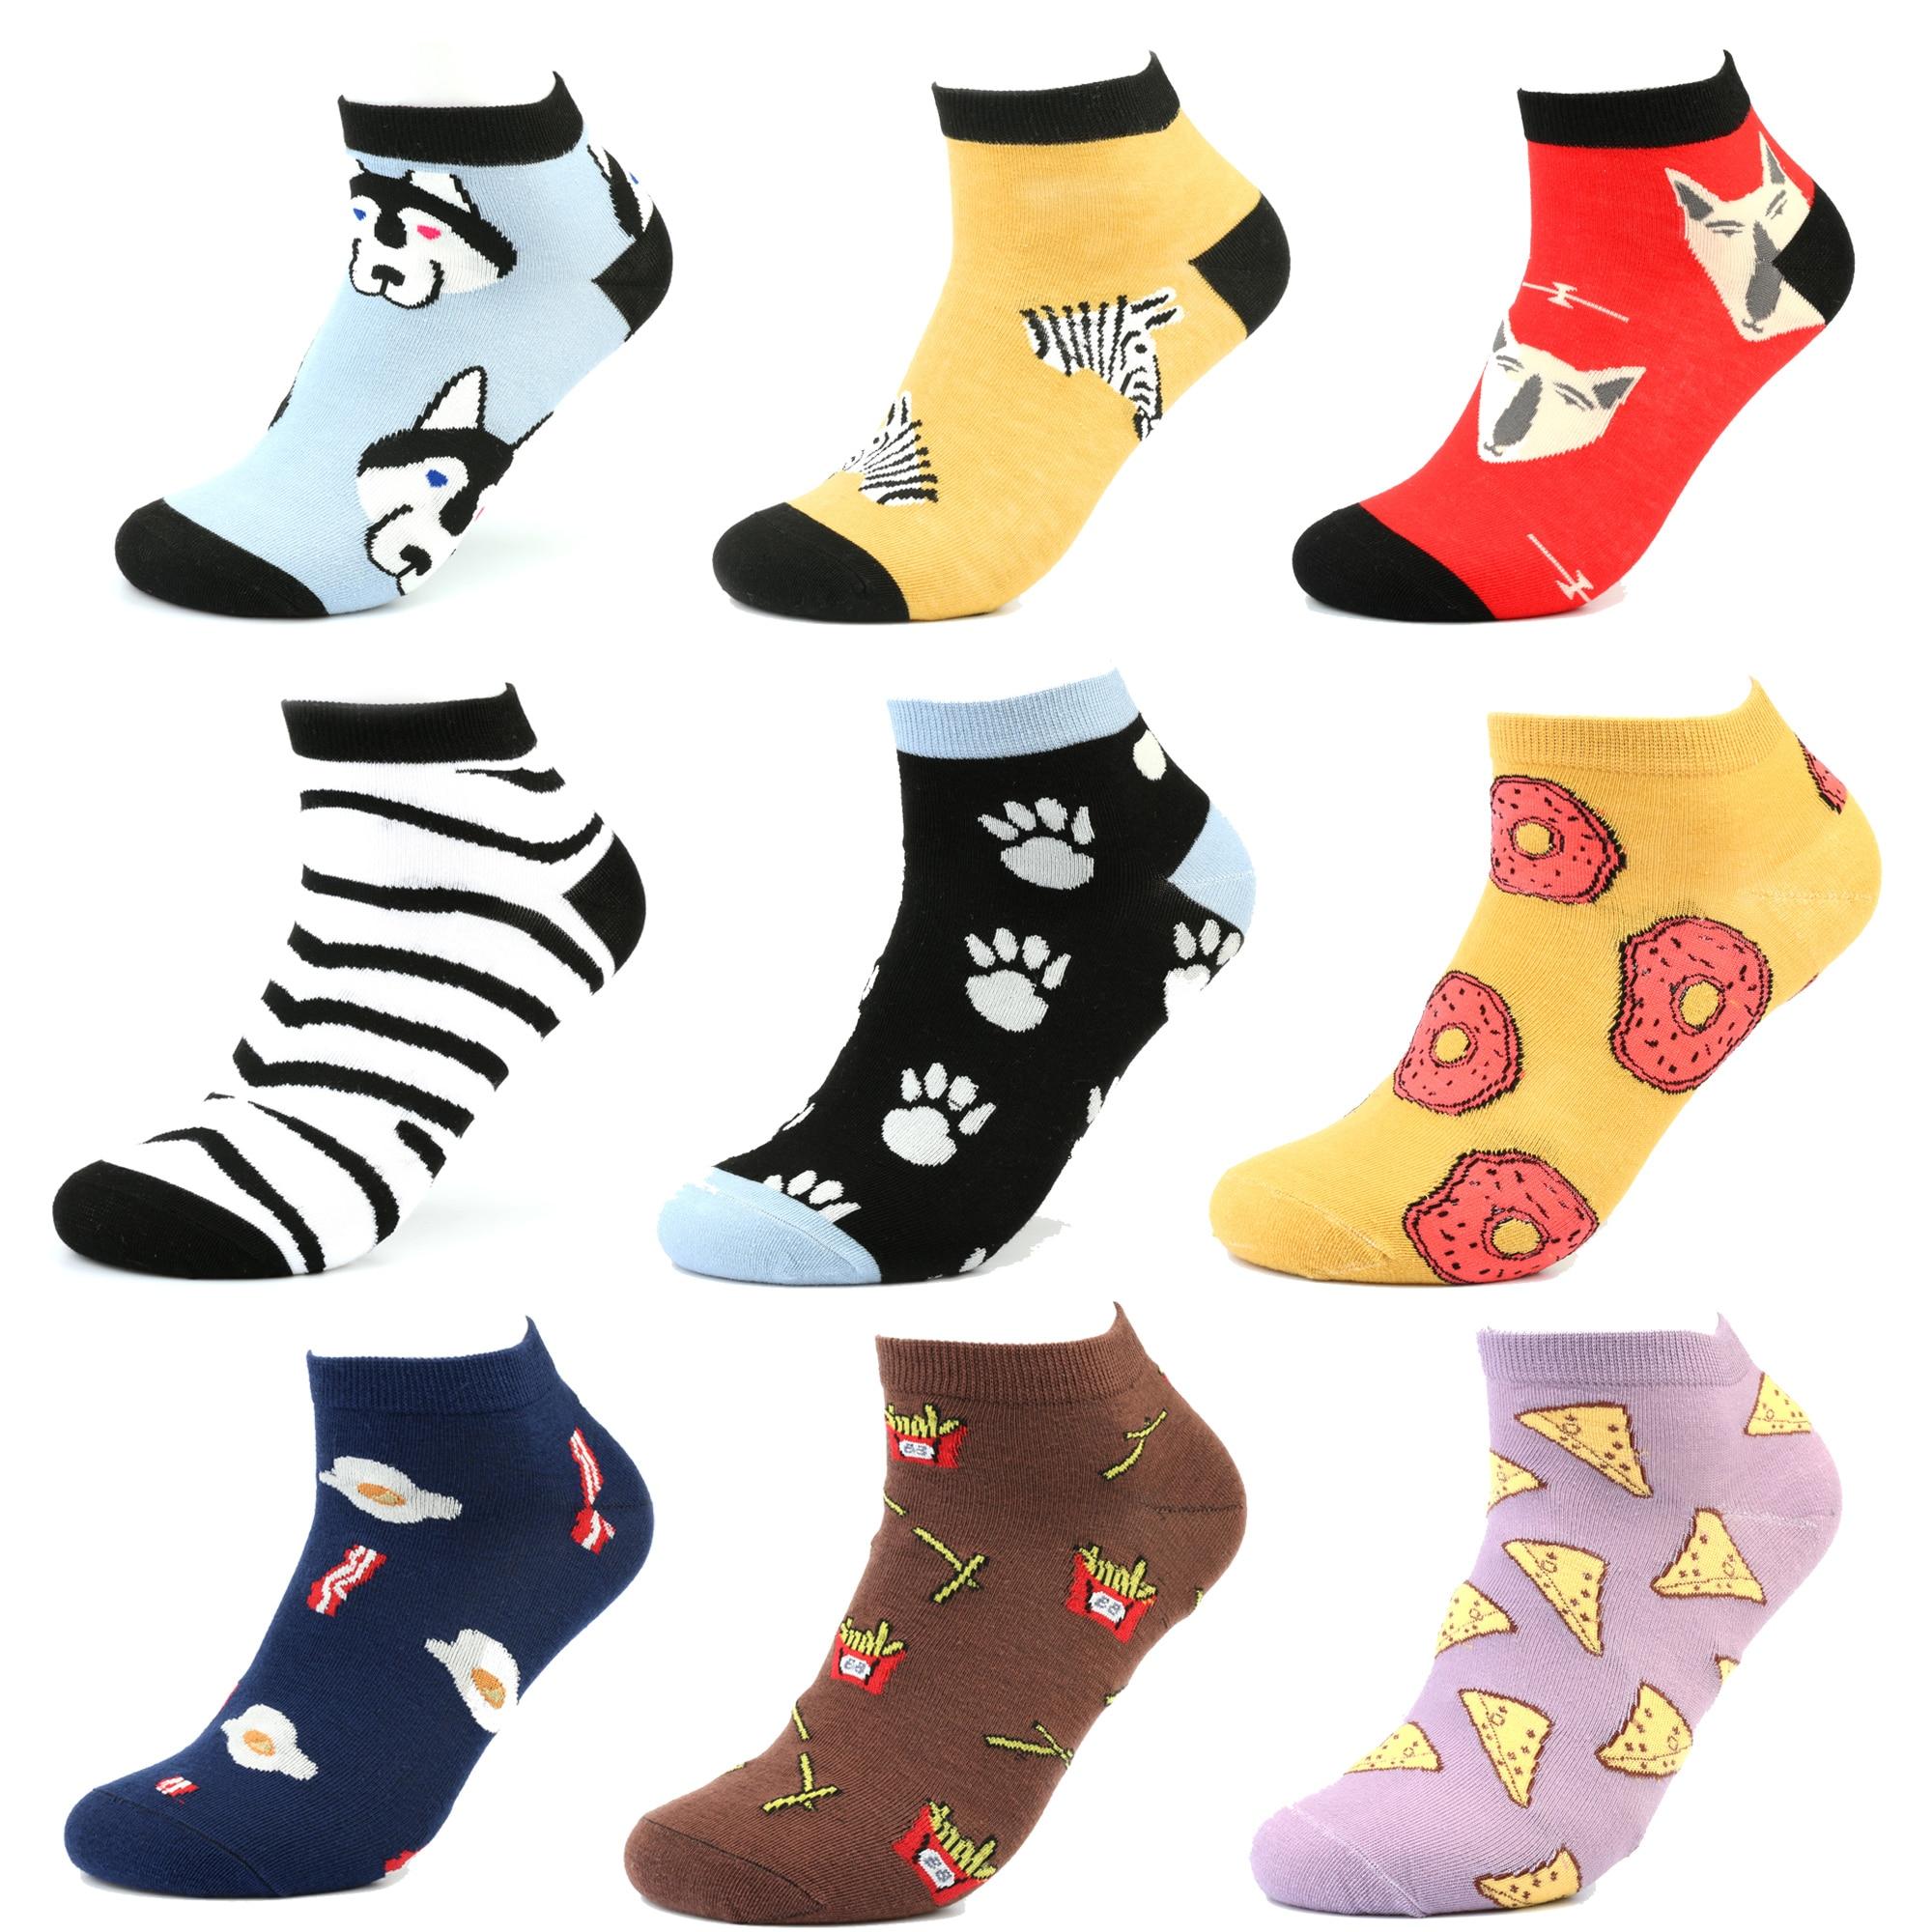 Invisible Socks  Dog  Flower Star Painting Cotton Women Men Socks Streetwear Sneaker Animal Funny Ankle Socks Summer